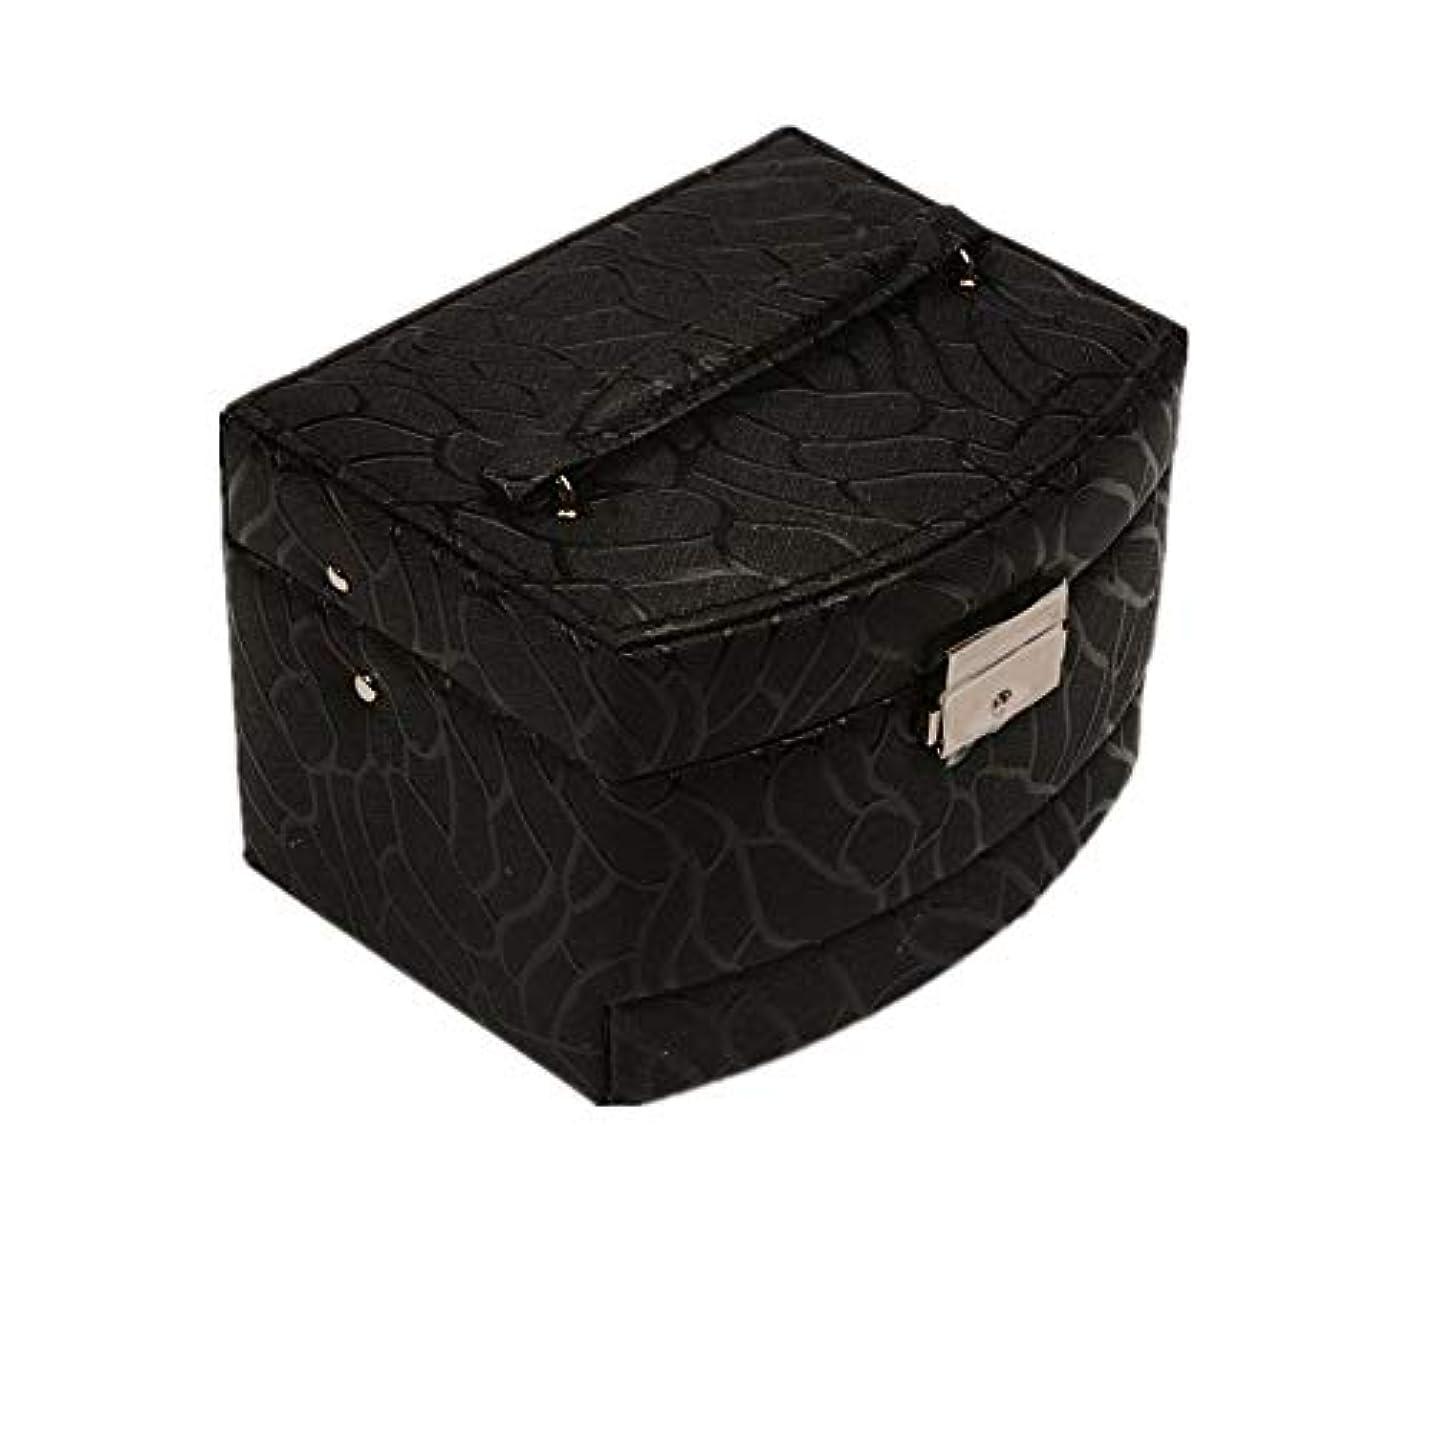 パーク勘違いする降雨化粧オーガナイザーバッグ 純粋な色のポータブル多層化粧品美容メイクアップ化粧ケースロックと化粧品ミラー 化粧品ケース